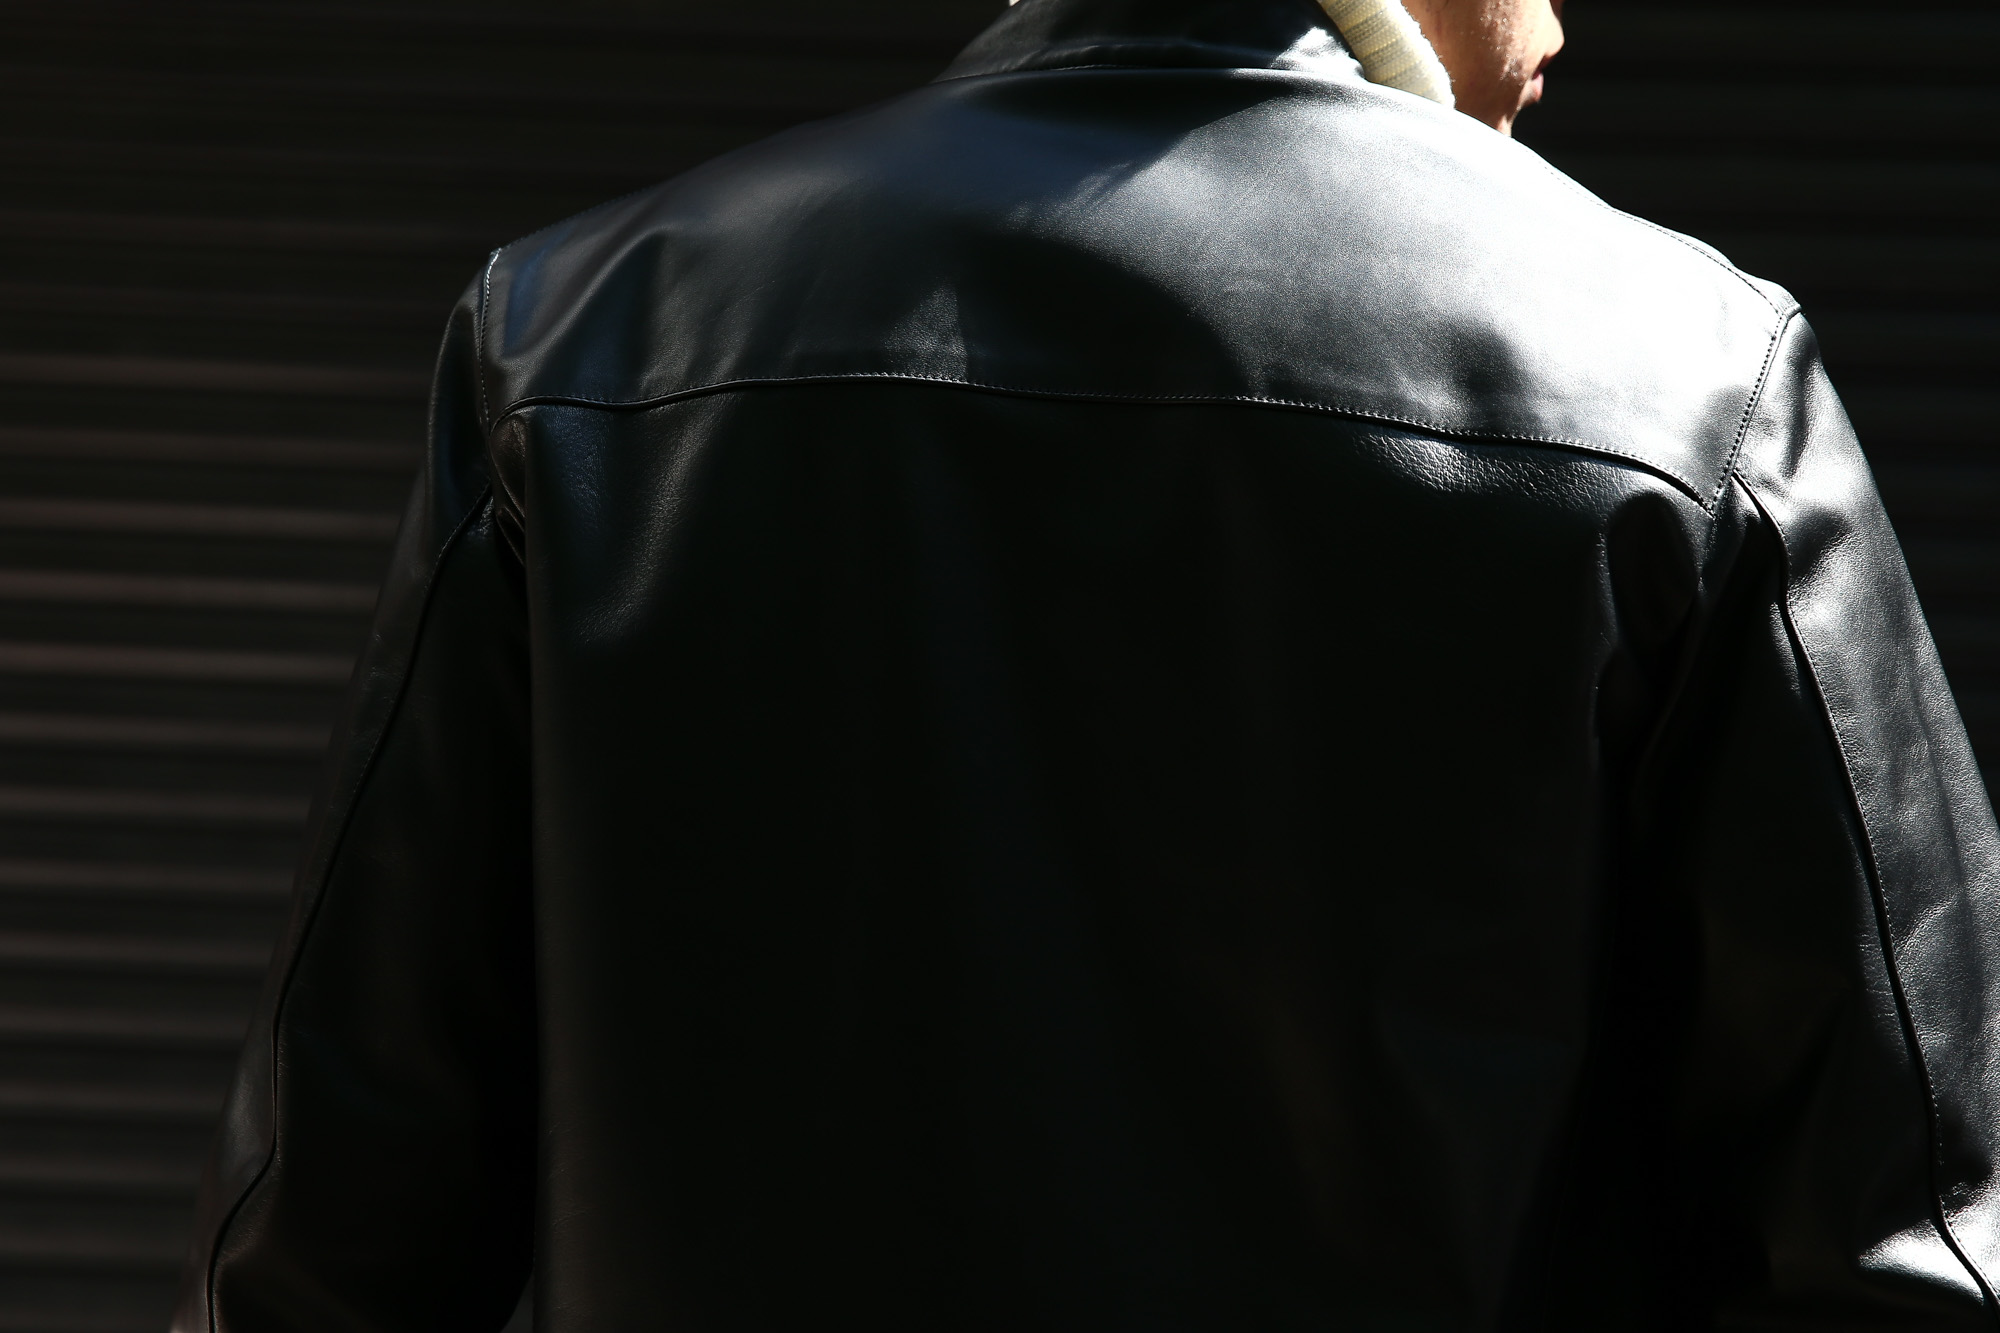 CINQUANTA(チンクアンタ) 6621/1 STAND COLLAR RIDERS CAVALLO (スタンド カラー ジャケット) 【HORSE LEATHER / ホースレザー】 シングル ライダース ジャケット BLACK (ブラック・999) Made in italy (イタリア製) 2017 秋冬新作 コーディネートスタイル 。cinquanta チンクアンタ レザージャケット 愛知 名古屋 ZODIAC ゾディアック